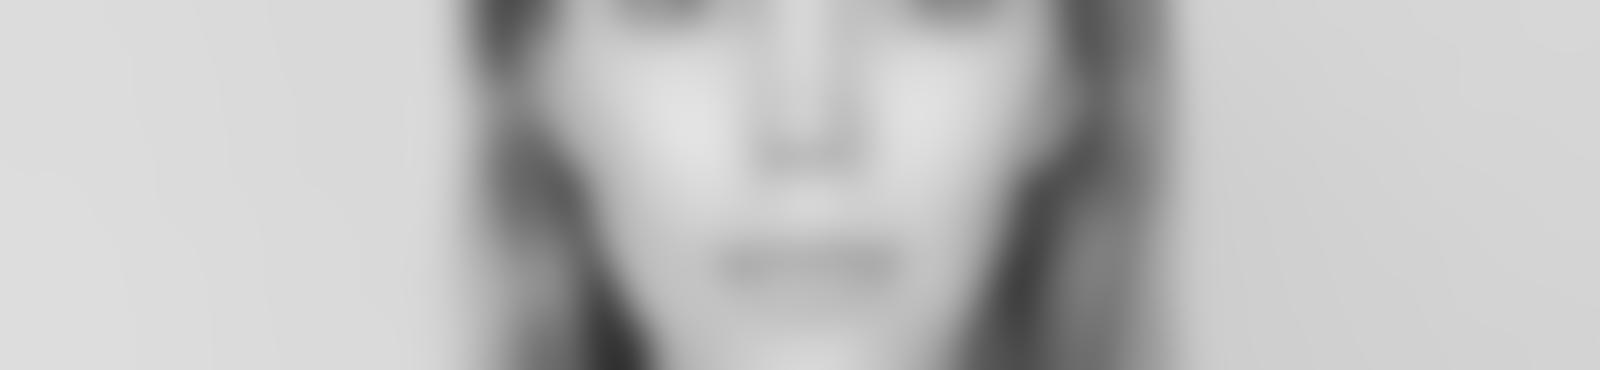 Blurred 64681ae4 b116 4cbf bf04 b498a984ffad